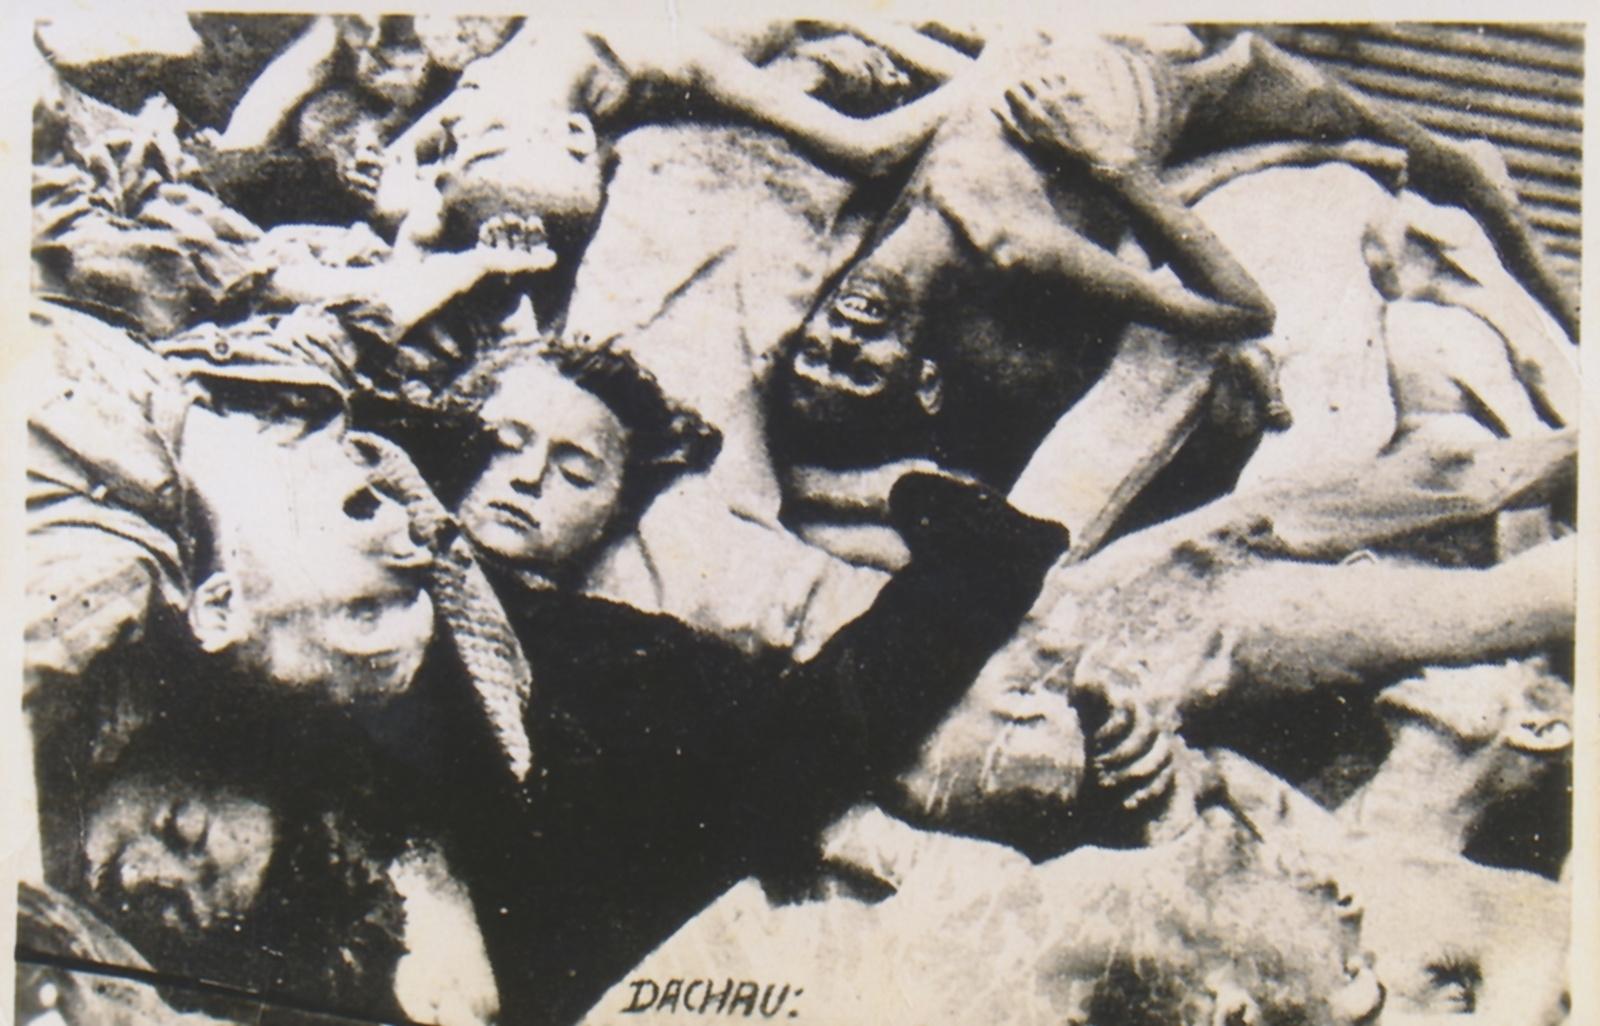 När fångarna befriades ur koncentrationslägren fick de med sig foton från de allierade som bevis för vad de hade utstått.